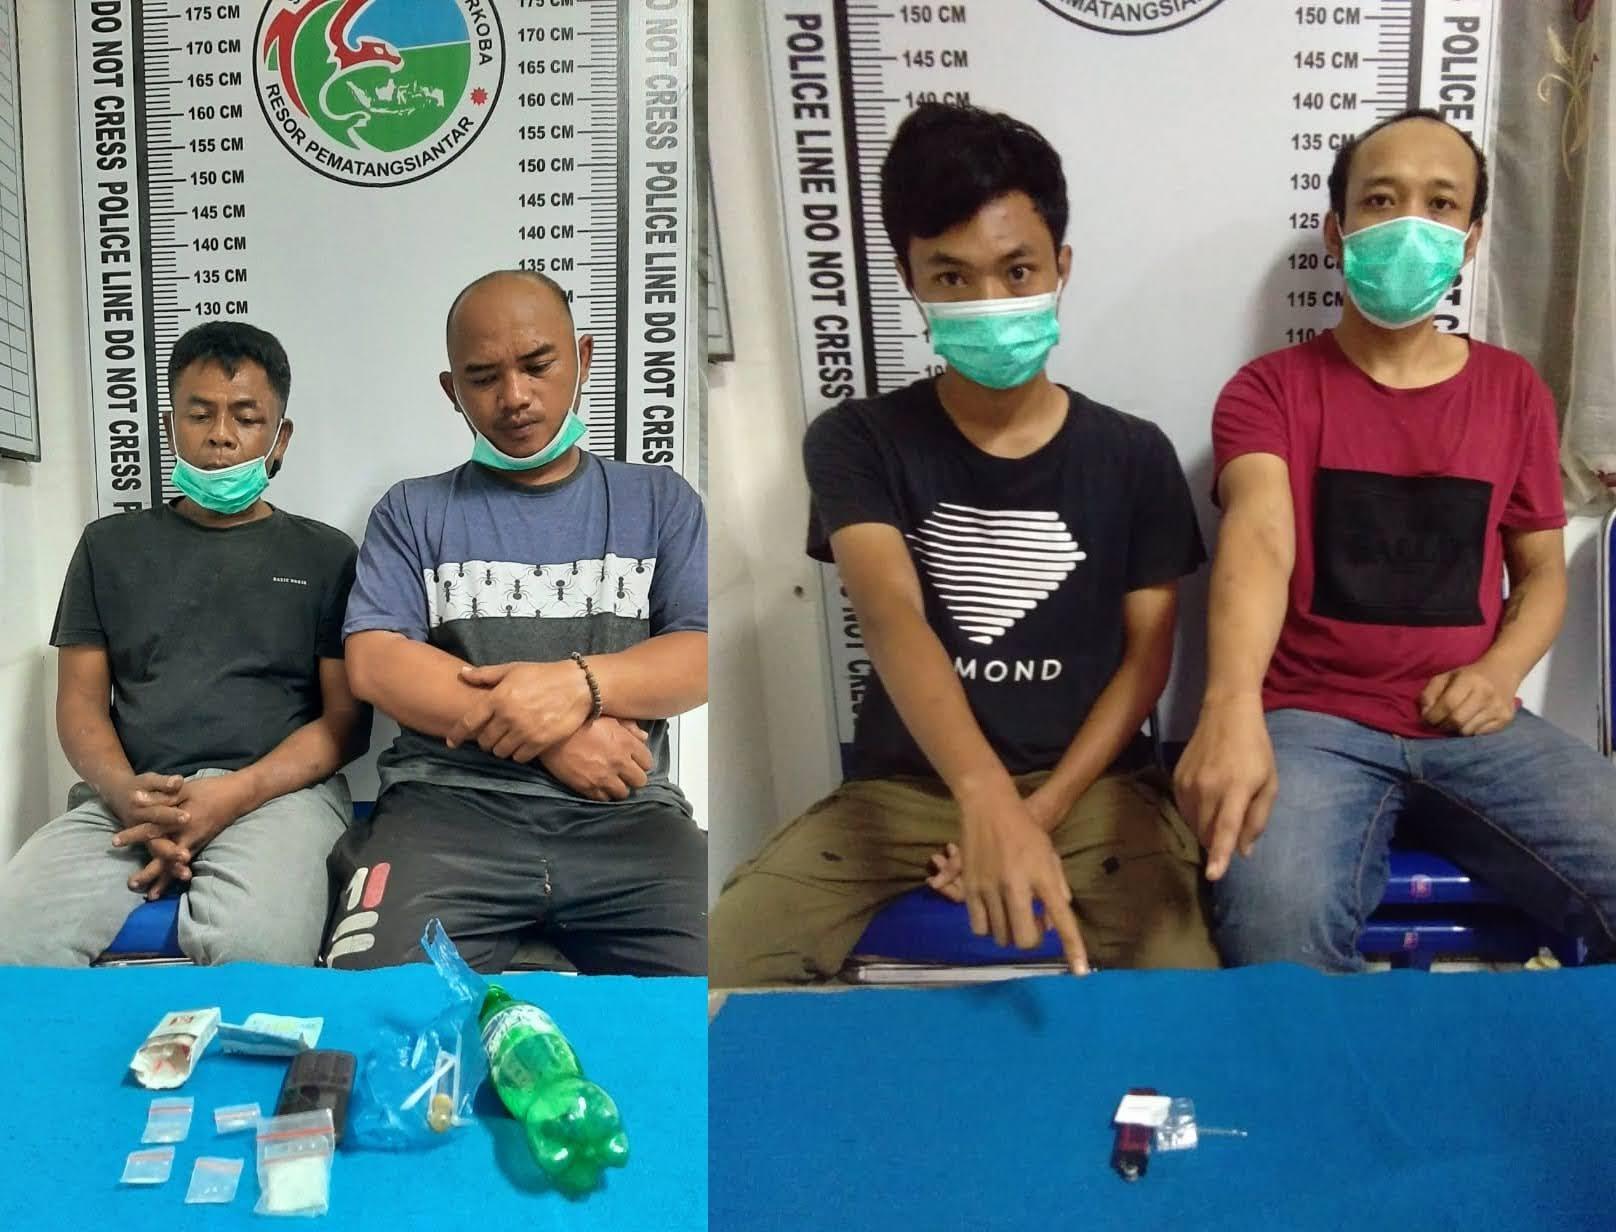 Satnarkoba Polres Siantar Berhasil Meringkus Empat orang Pelaku Narkoba Dari Dua Tempat